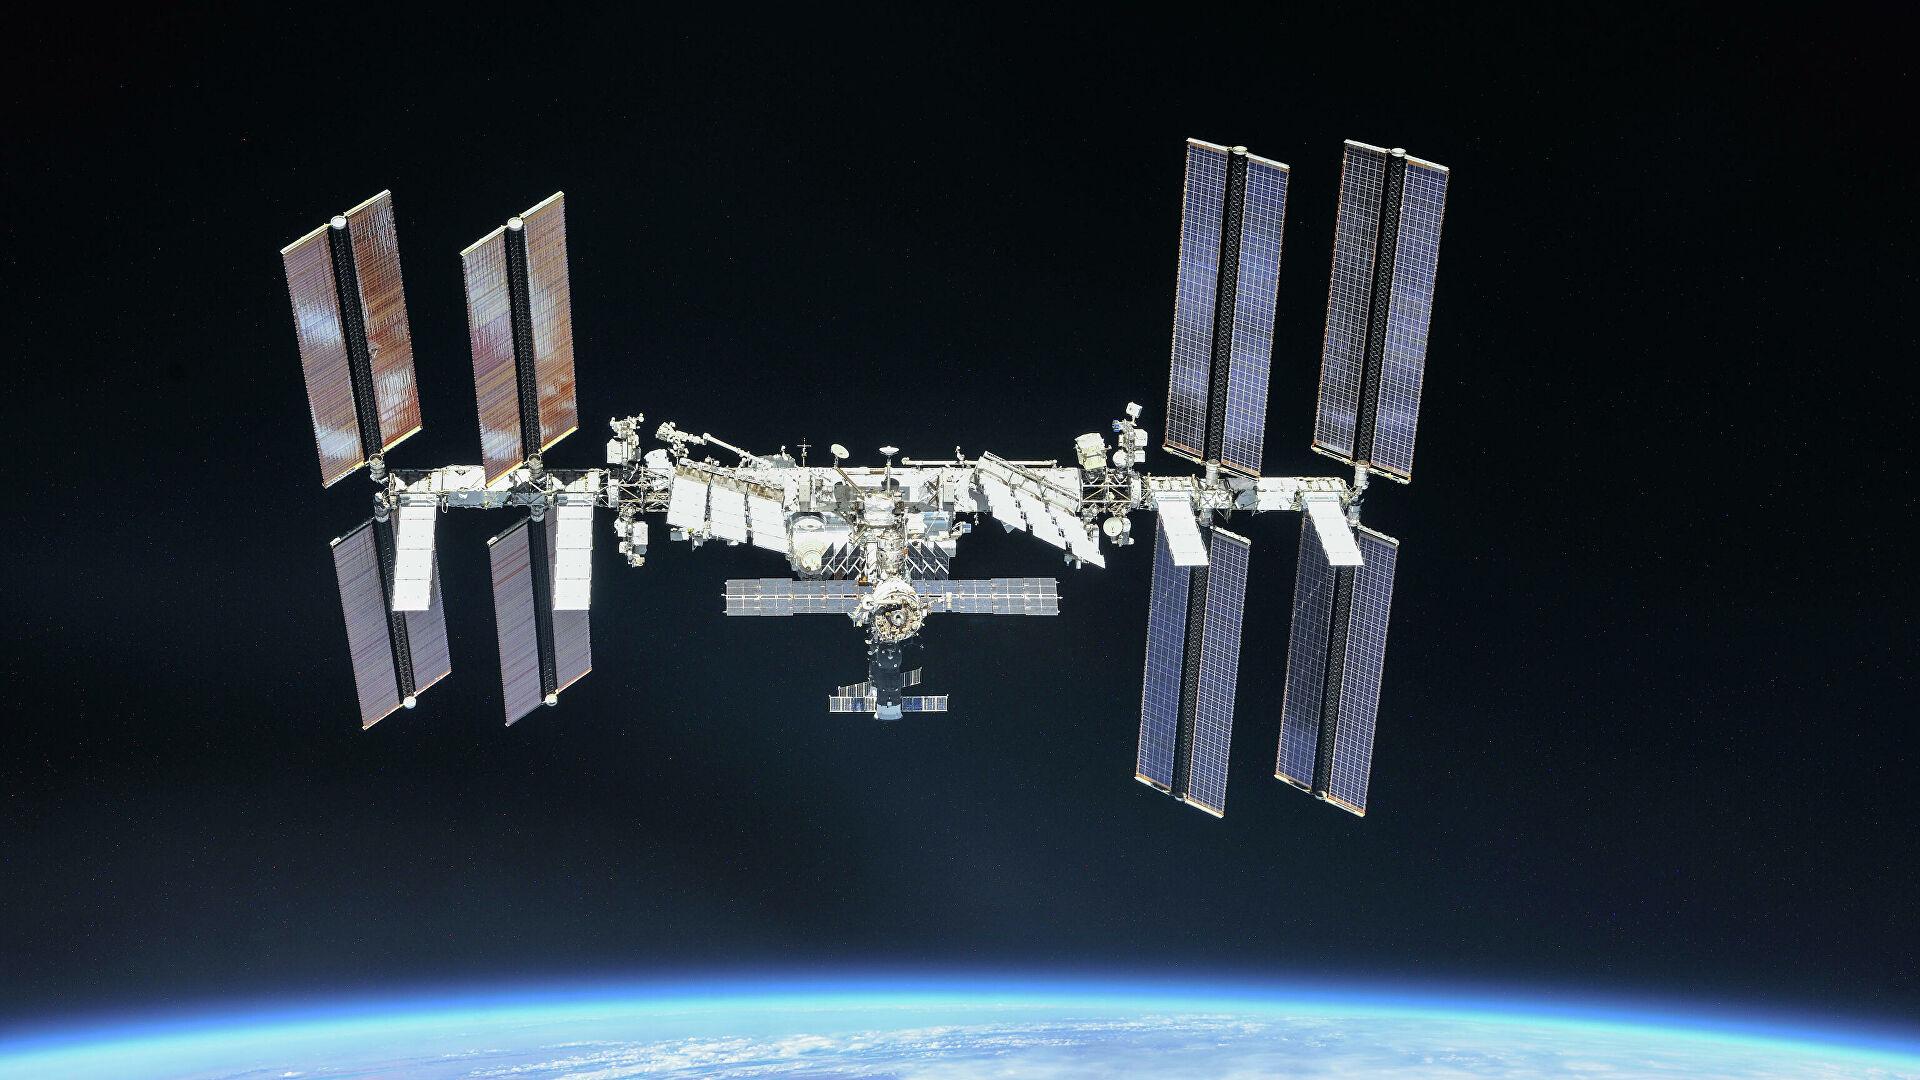 Рогозин: Русија одлучила да самостално изгради нову орбиталну станицу јер је то једини начин да се то добро изведе